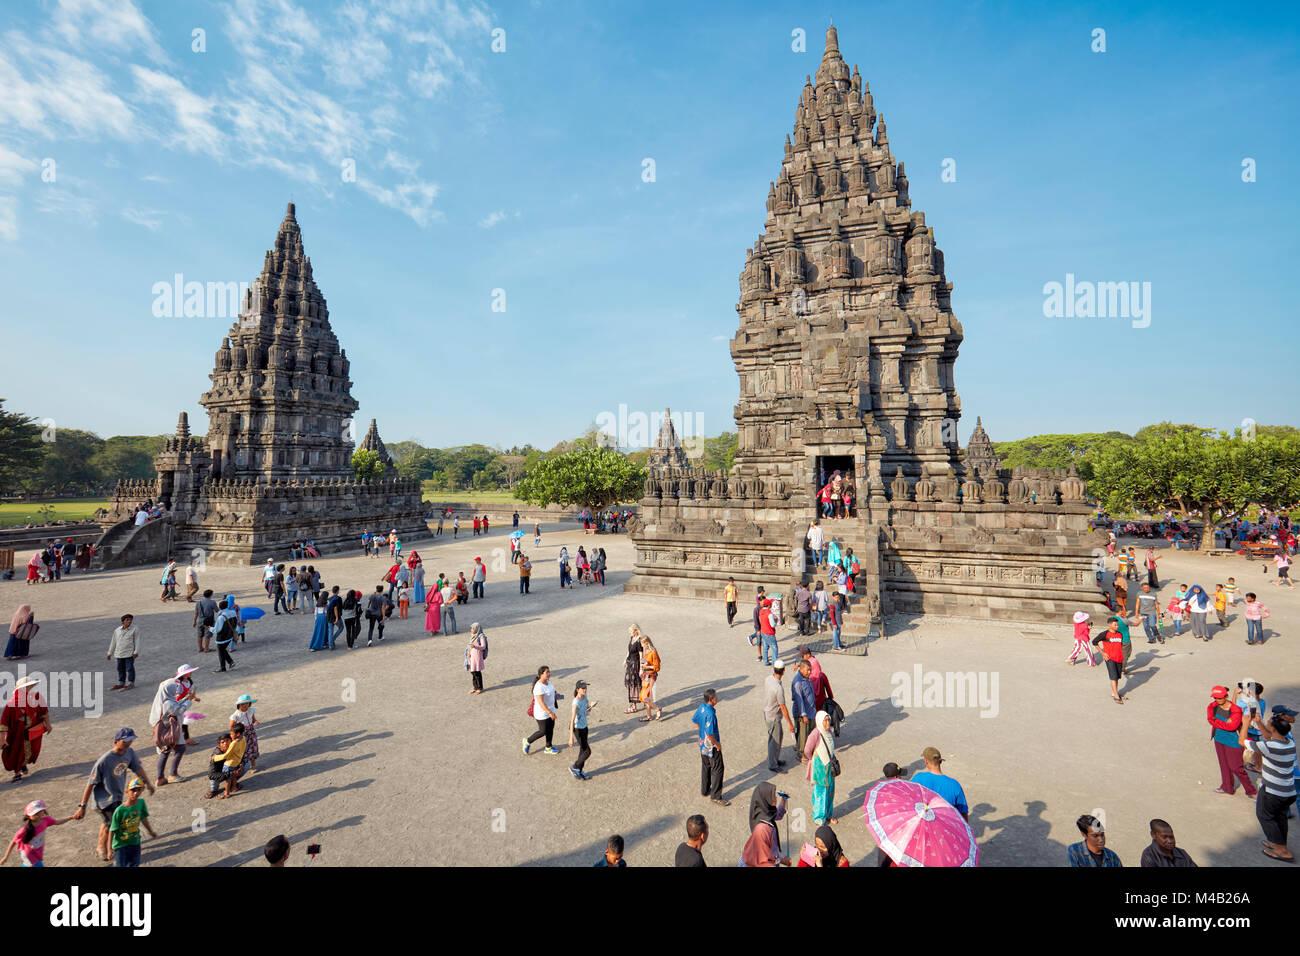 Turistas en el templo hindú Prambanan compuesto. La región especial de Yogyakarta, en Java, Indonesia. Foto de stock